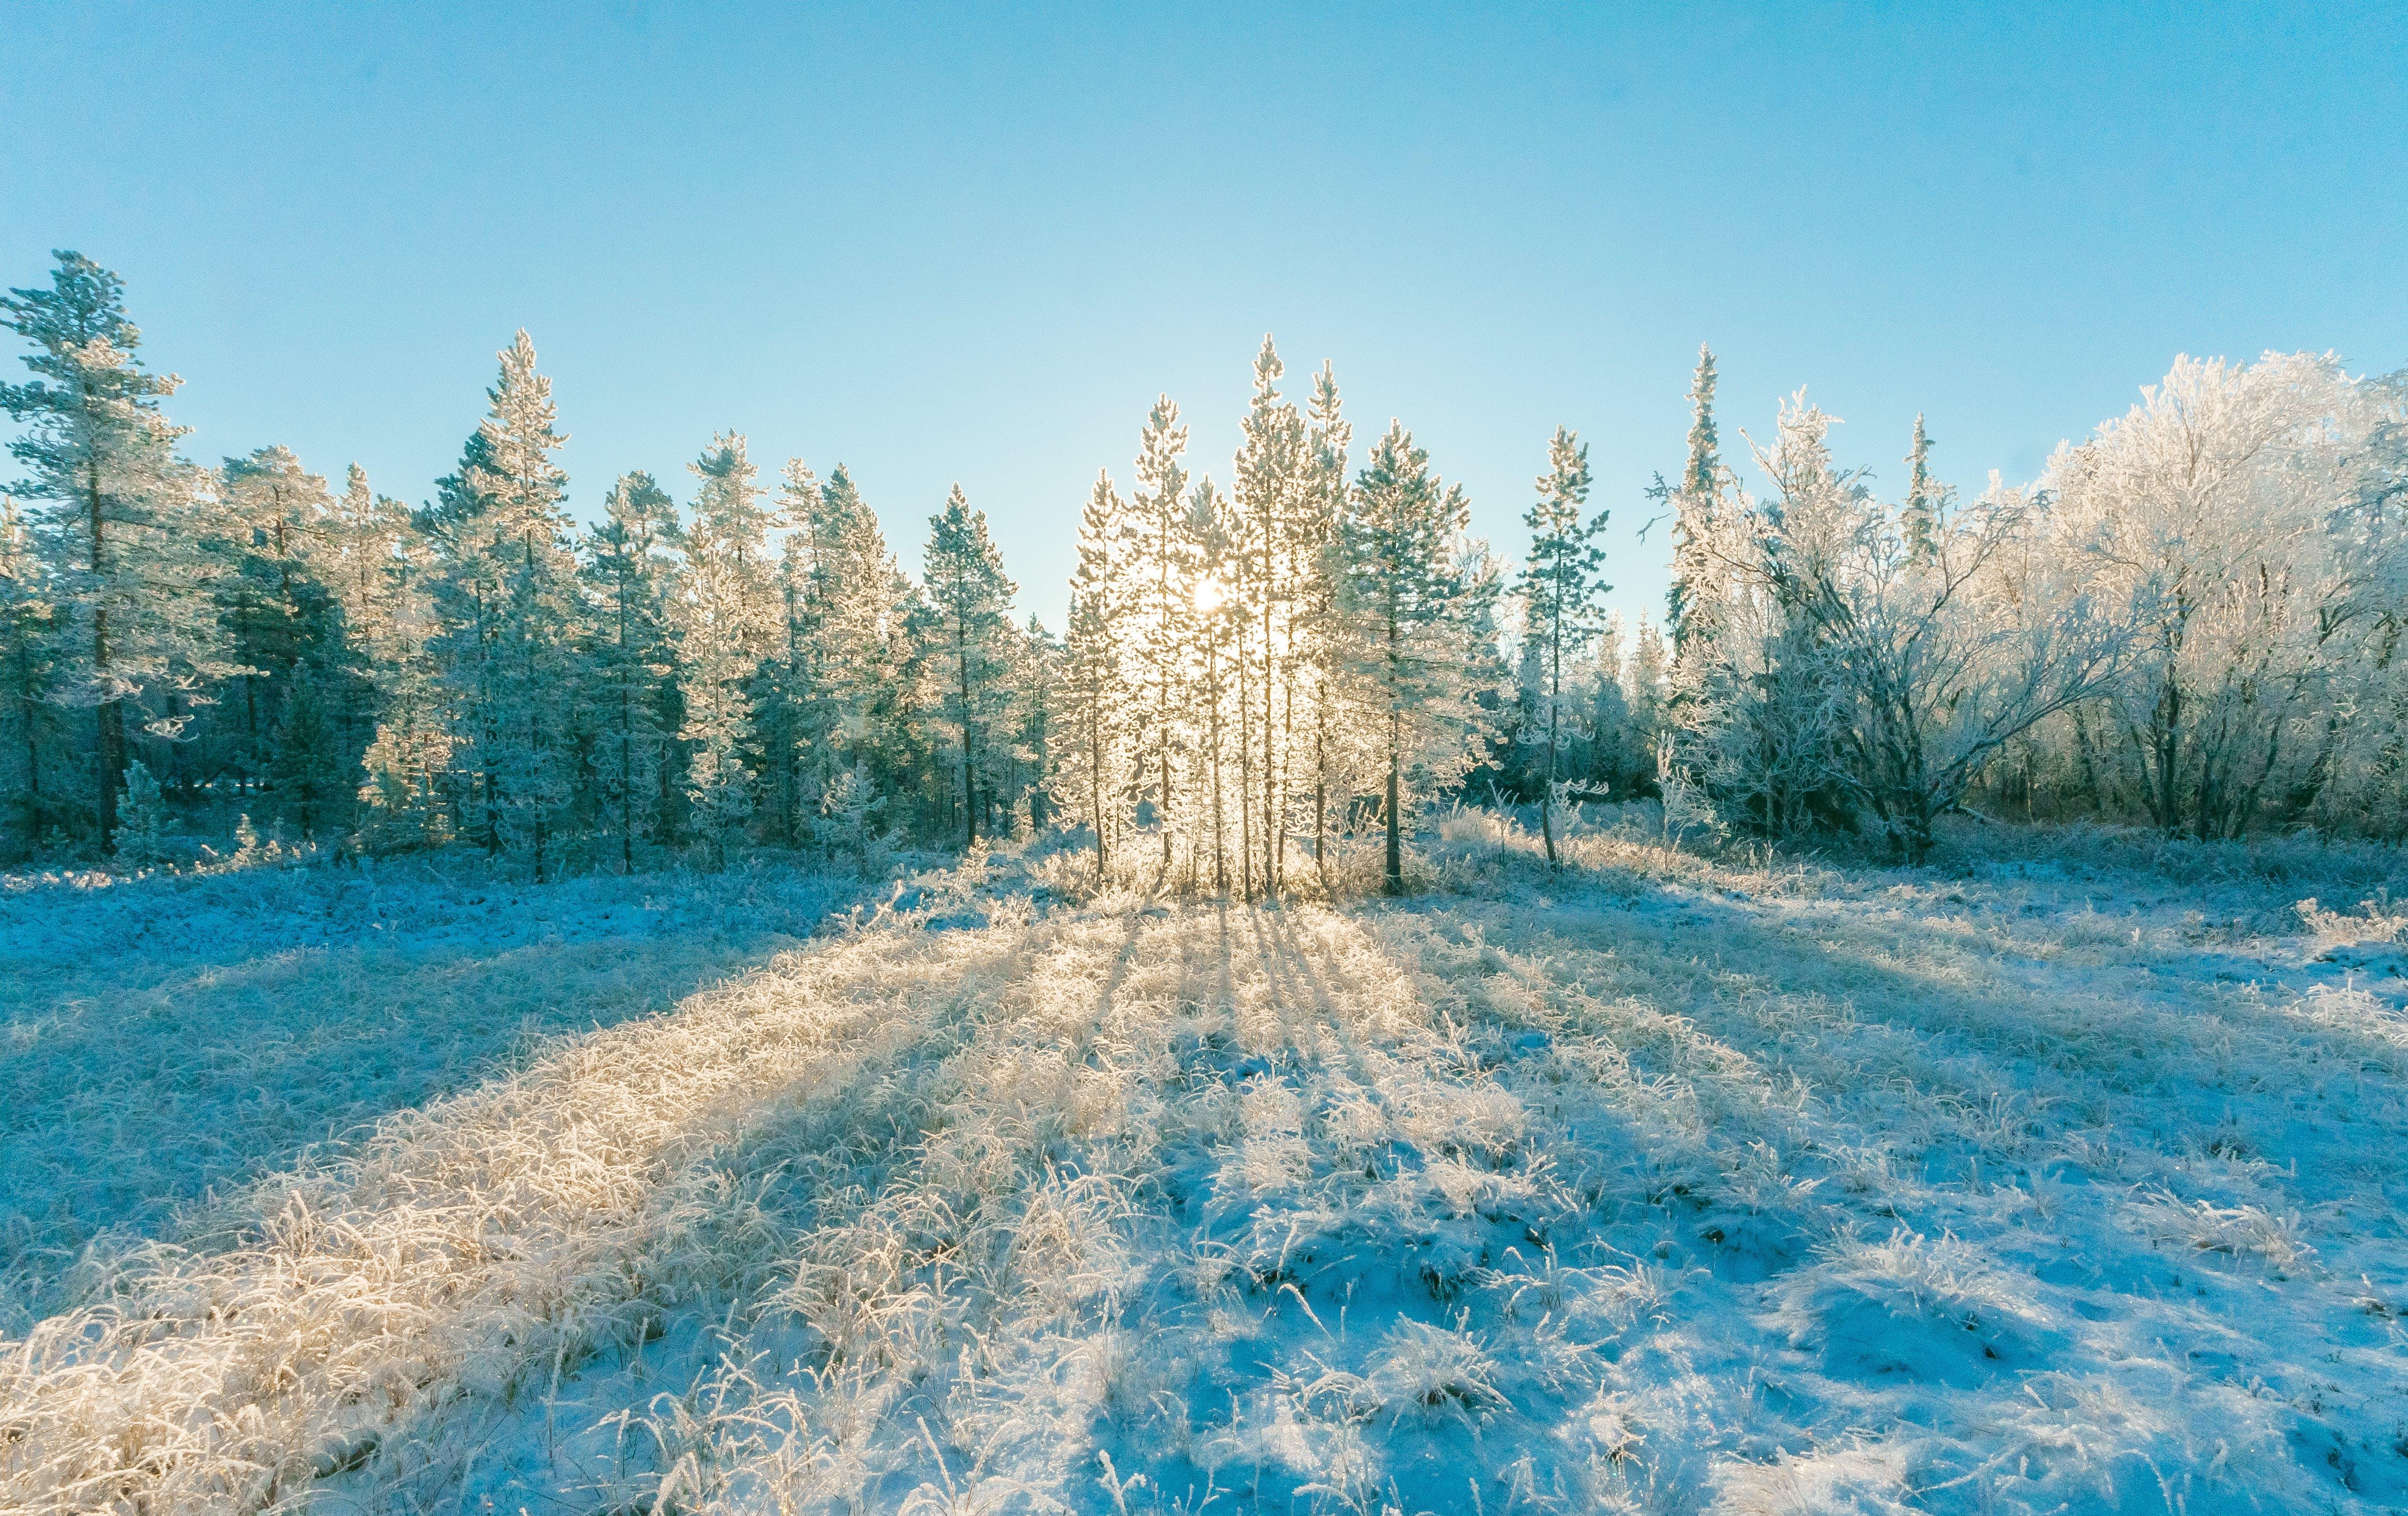 Foto d'estoc gratuïta de arbres, bosc, boscos, cobert de neu